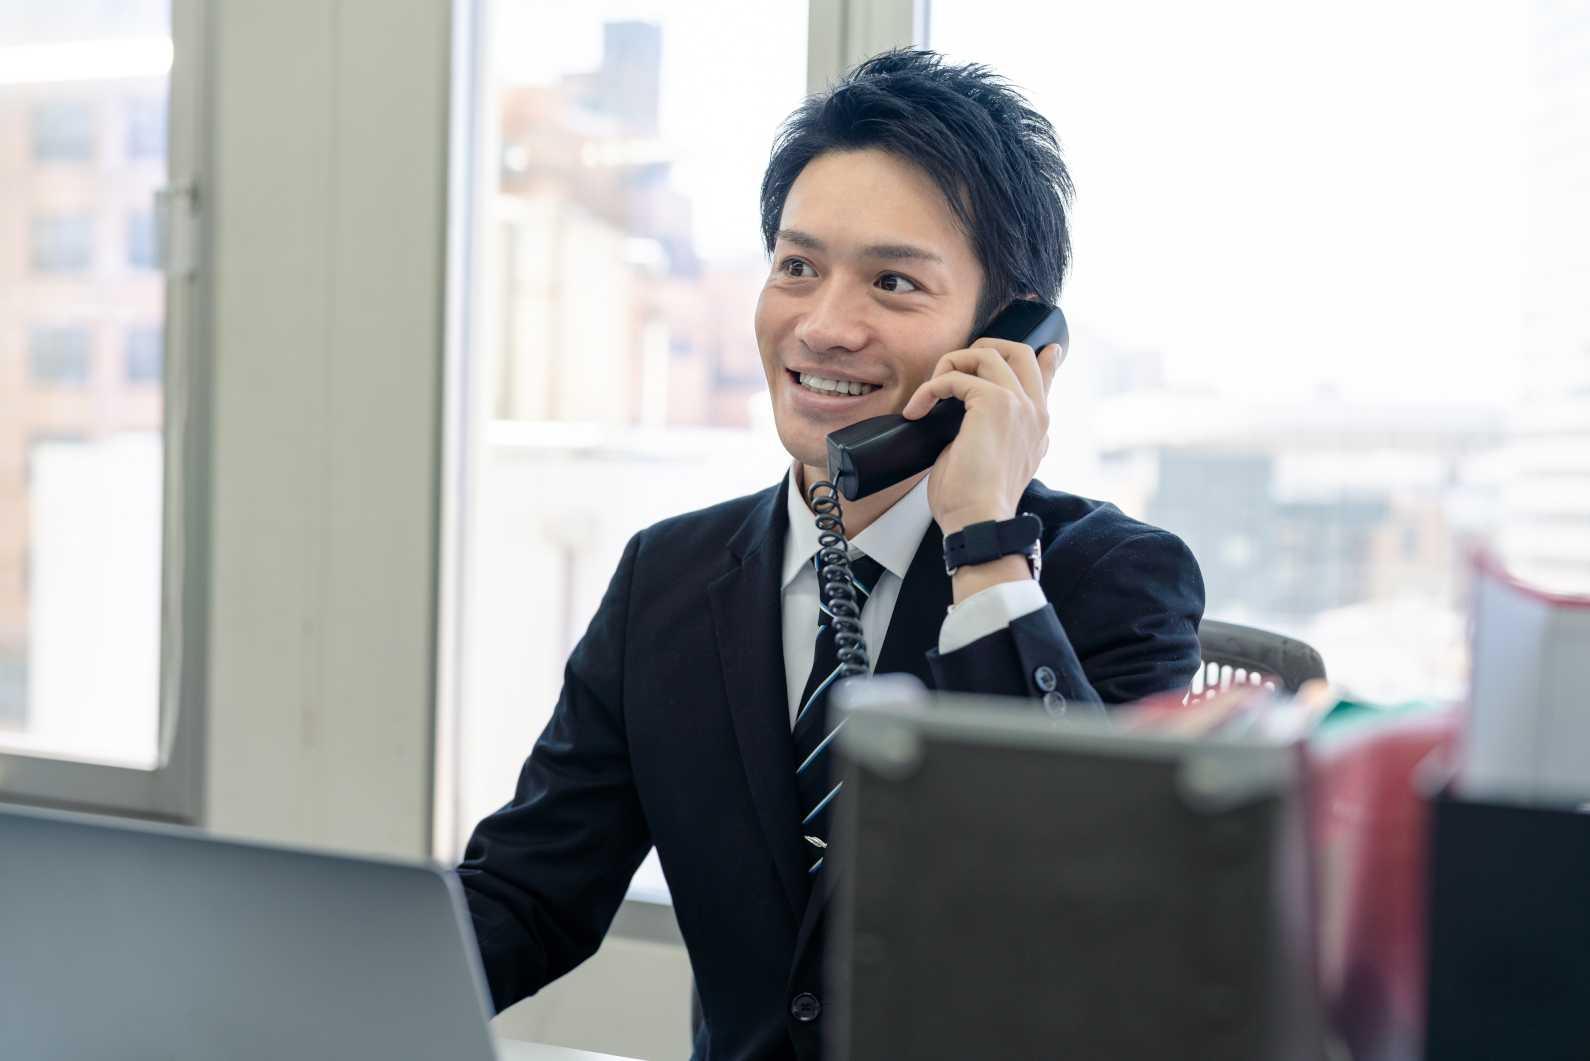 M&Aの業務とは?M&Aの成功を支援するアドバイザーの役割や業務内容を解説